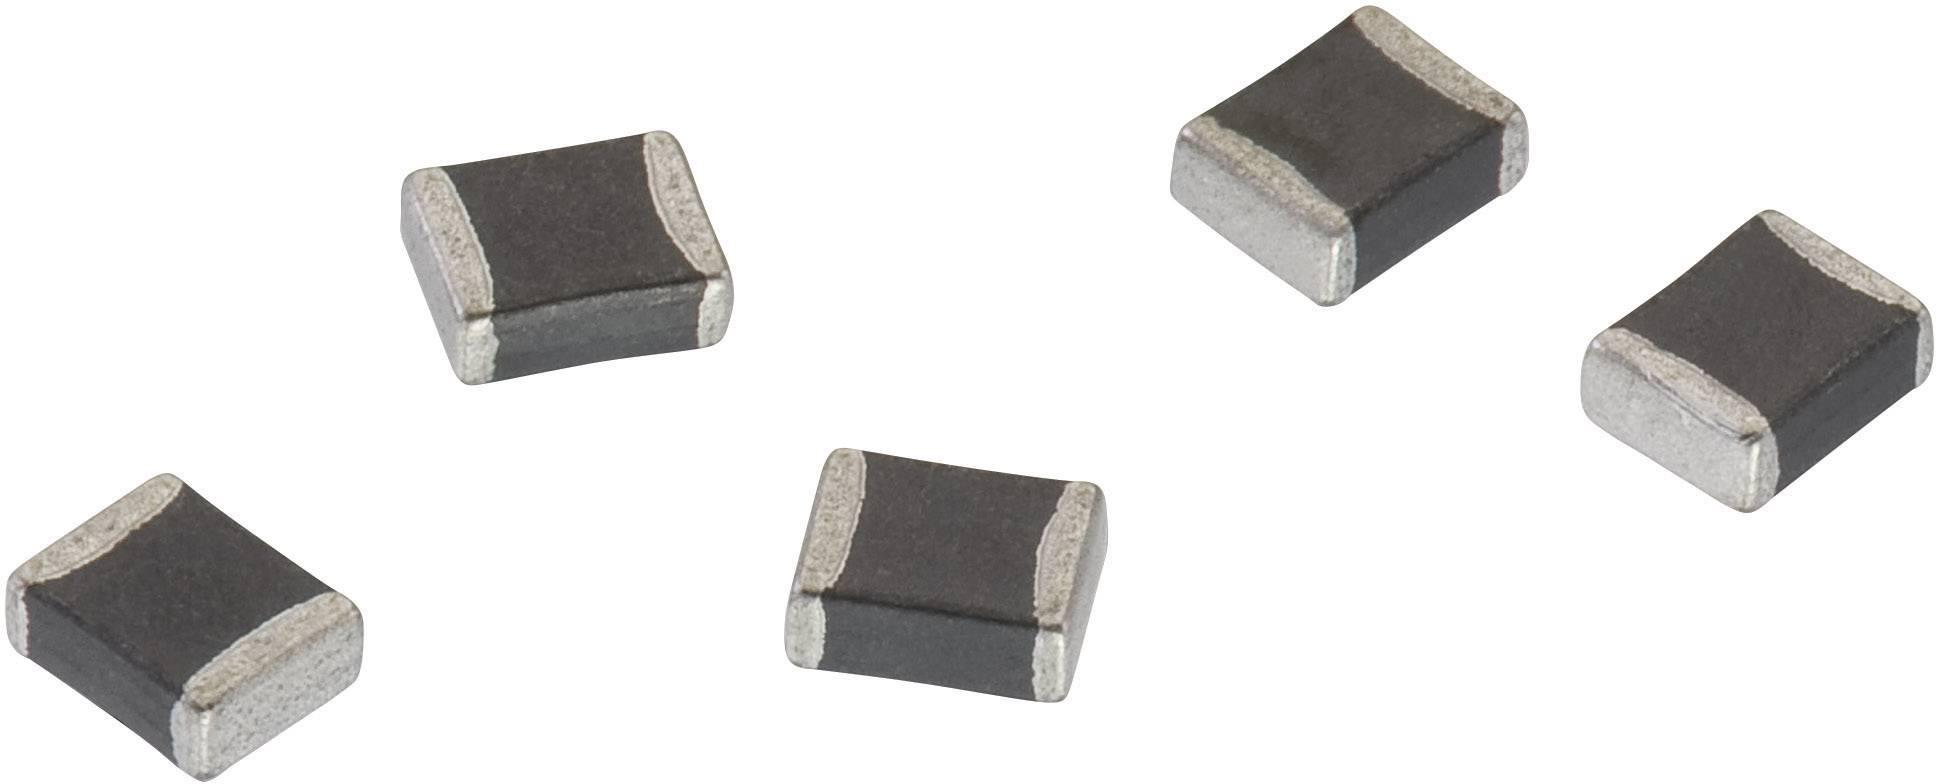 Cievka SMD Würth Elektronik WE-PMI 74479887222A, 2.2 µH, 1.35 A, 0805, 1 ks